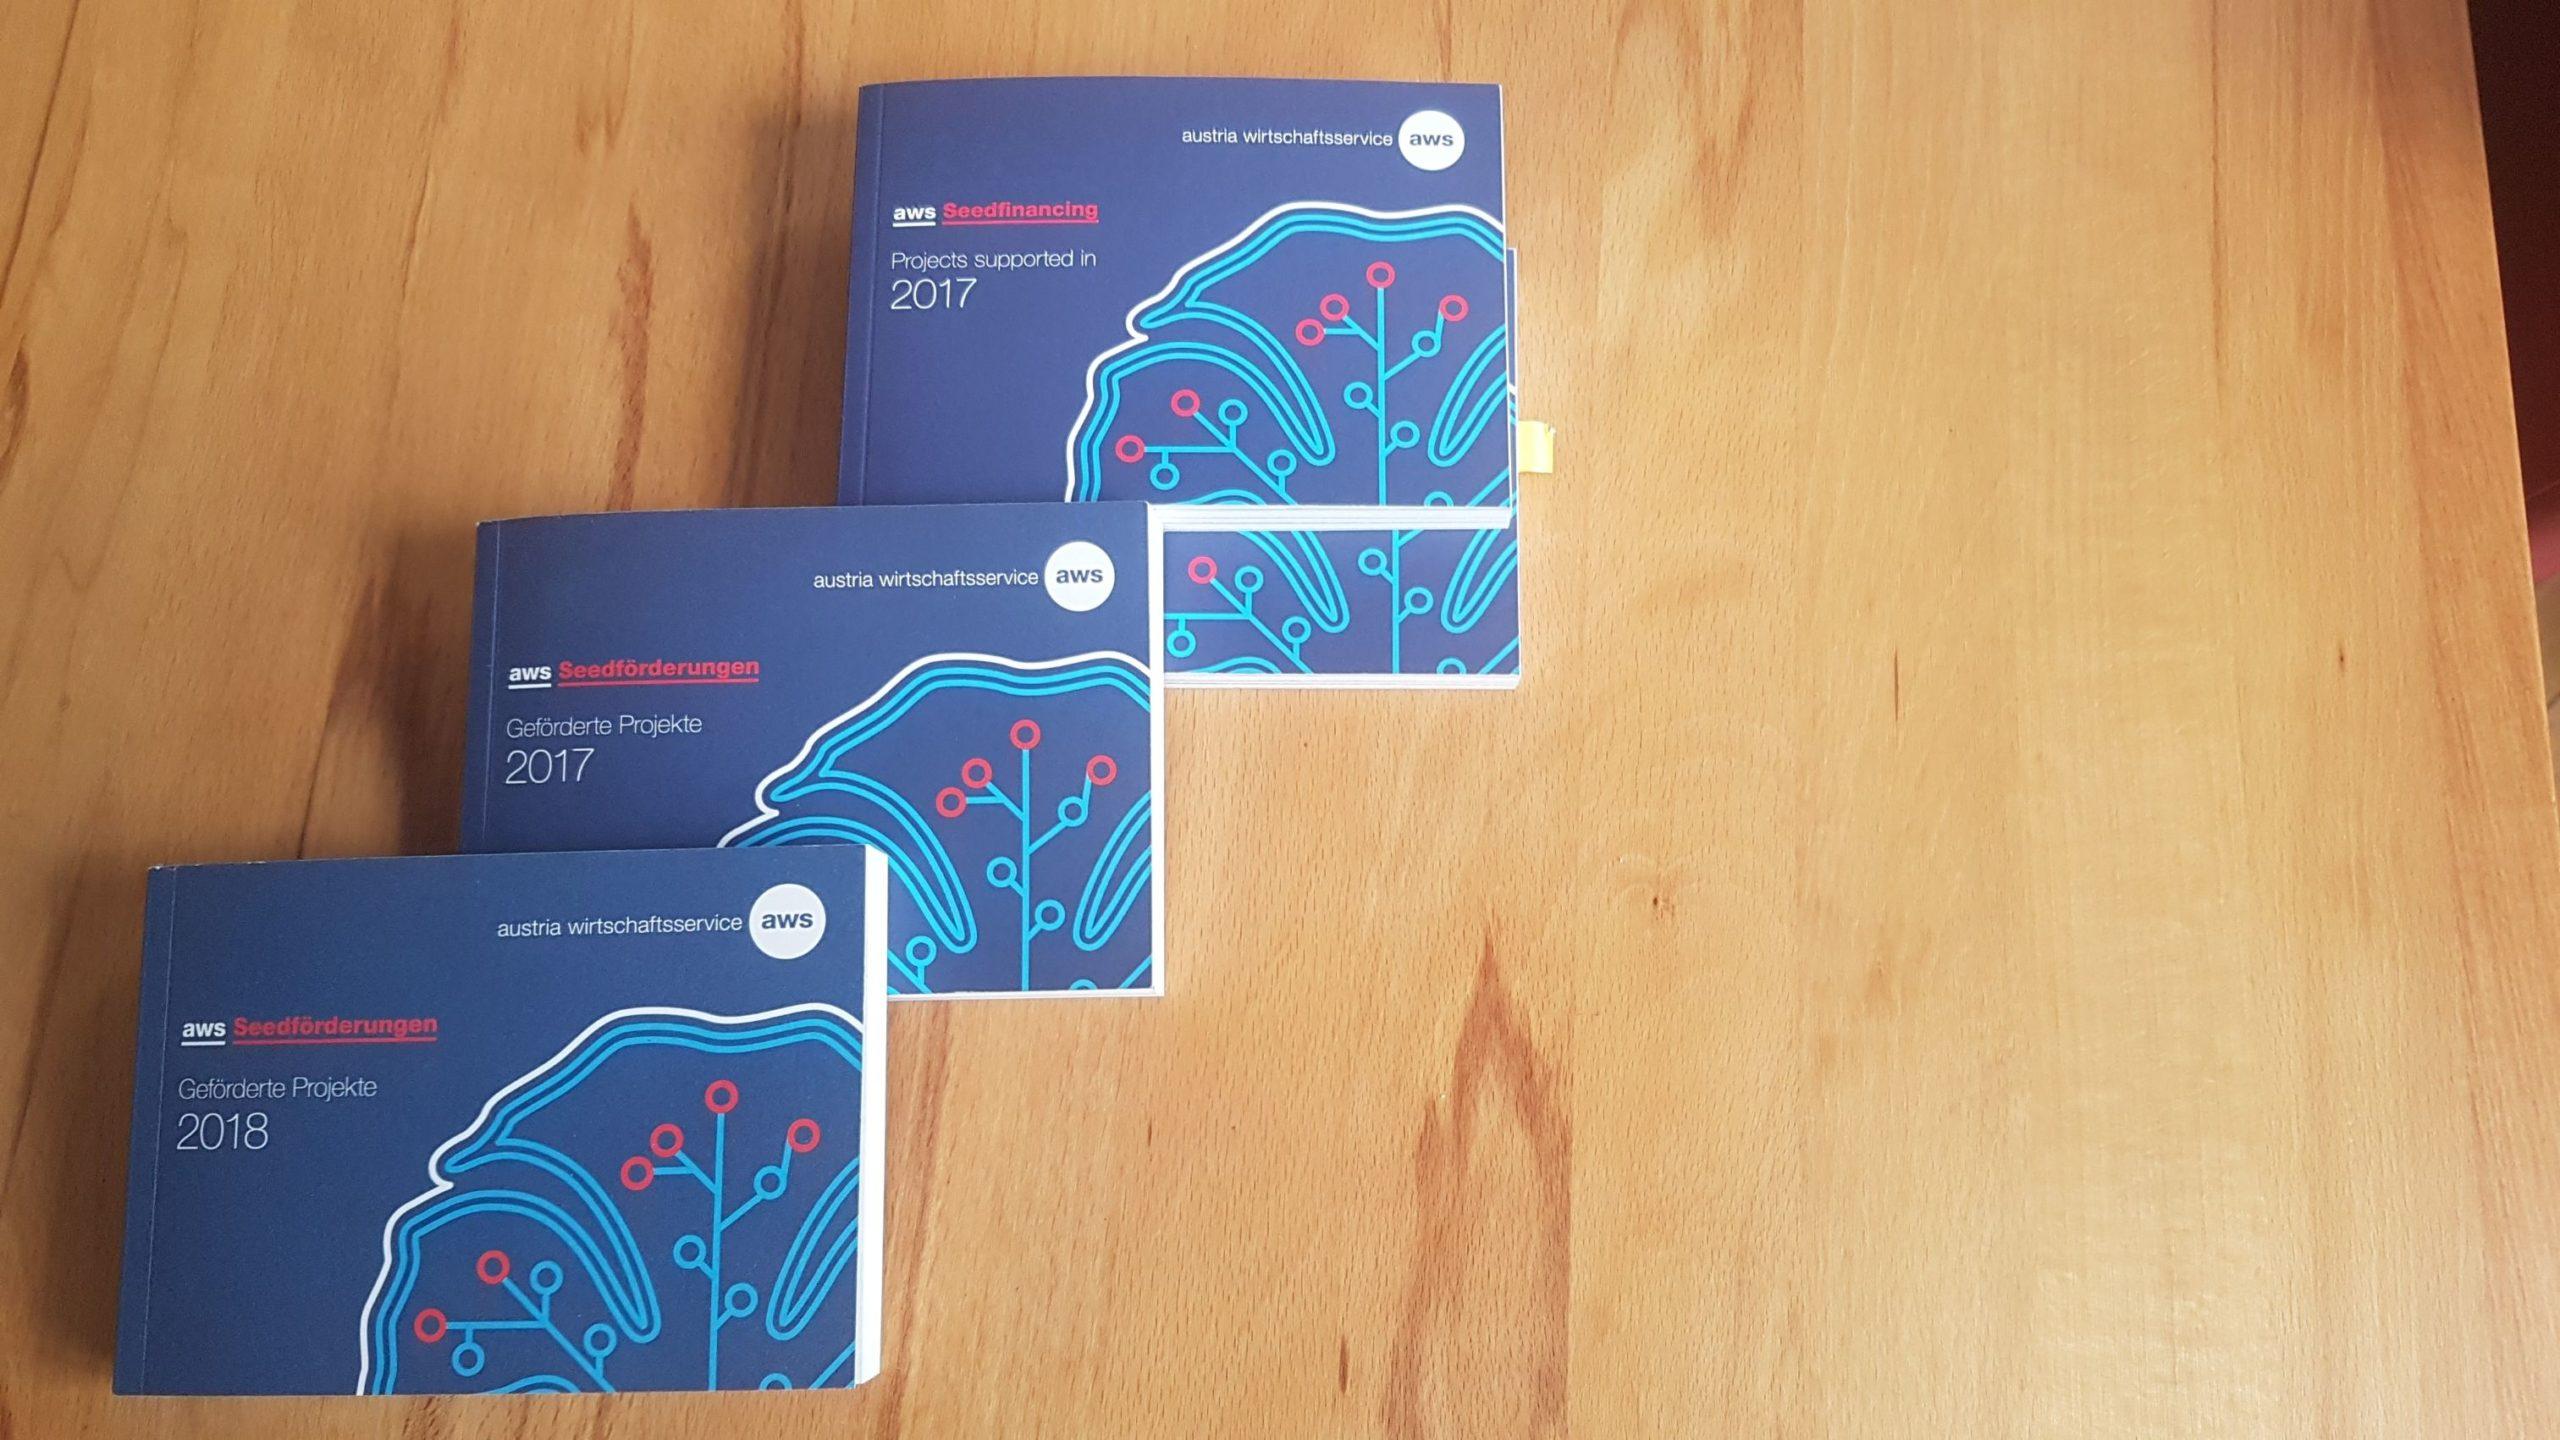 aws booklet -Seedförderungen in Österreich